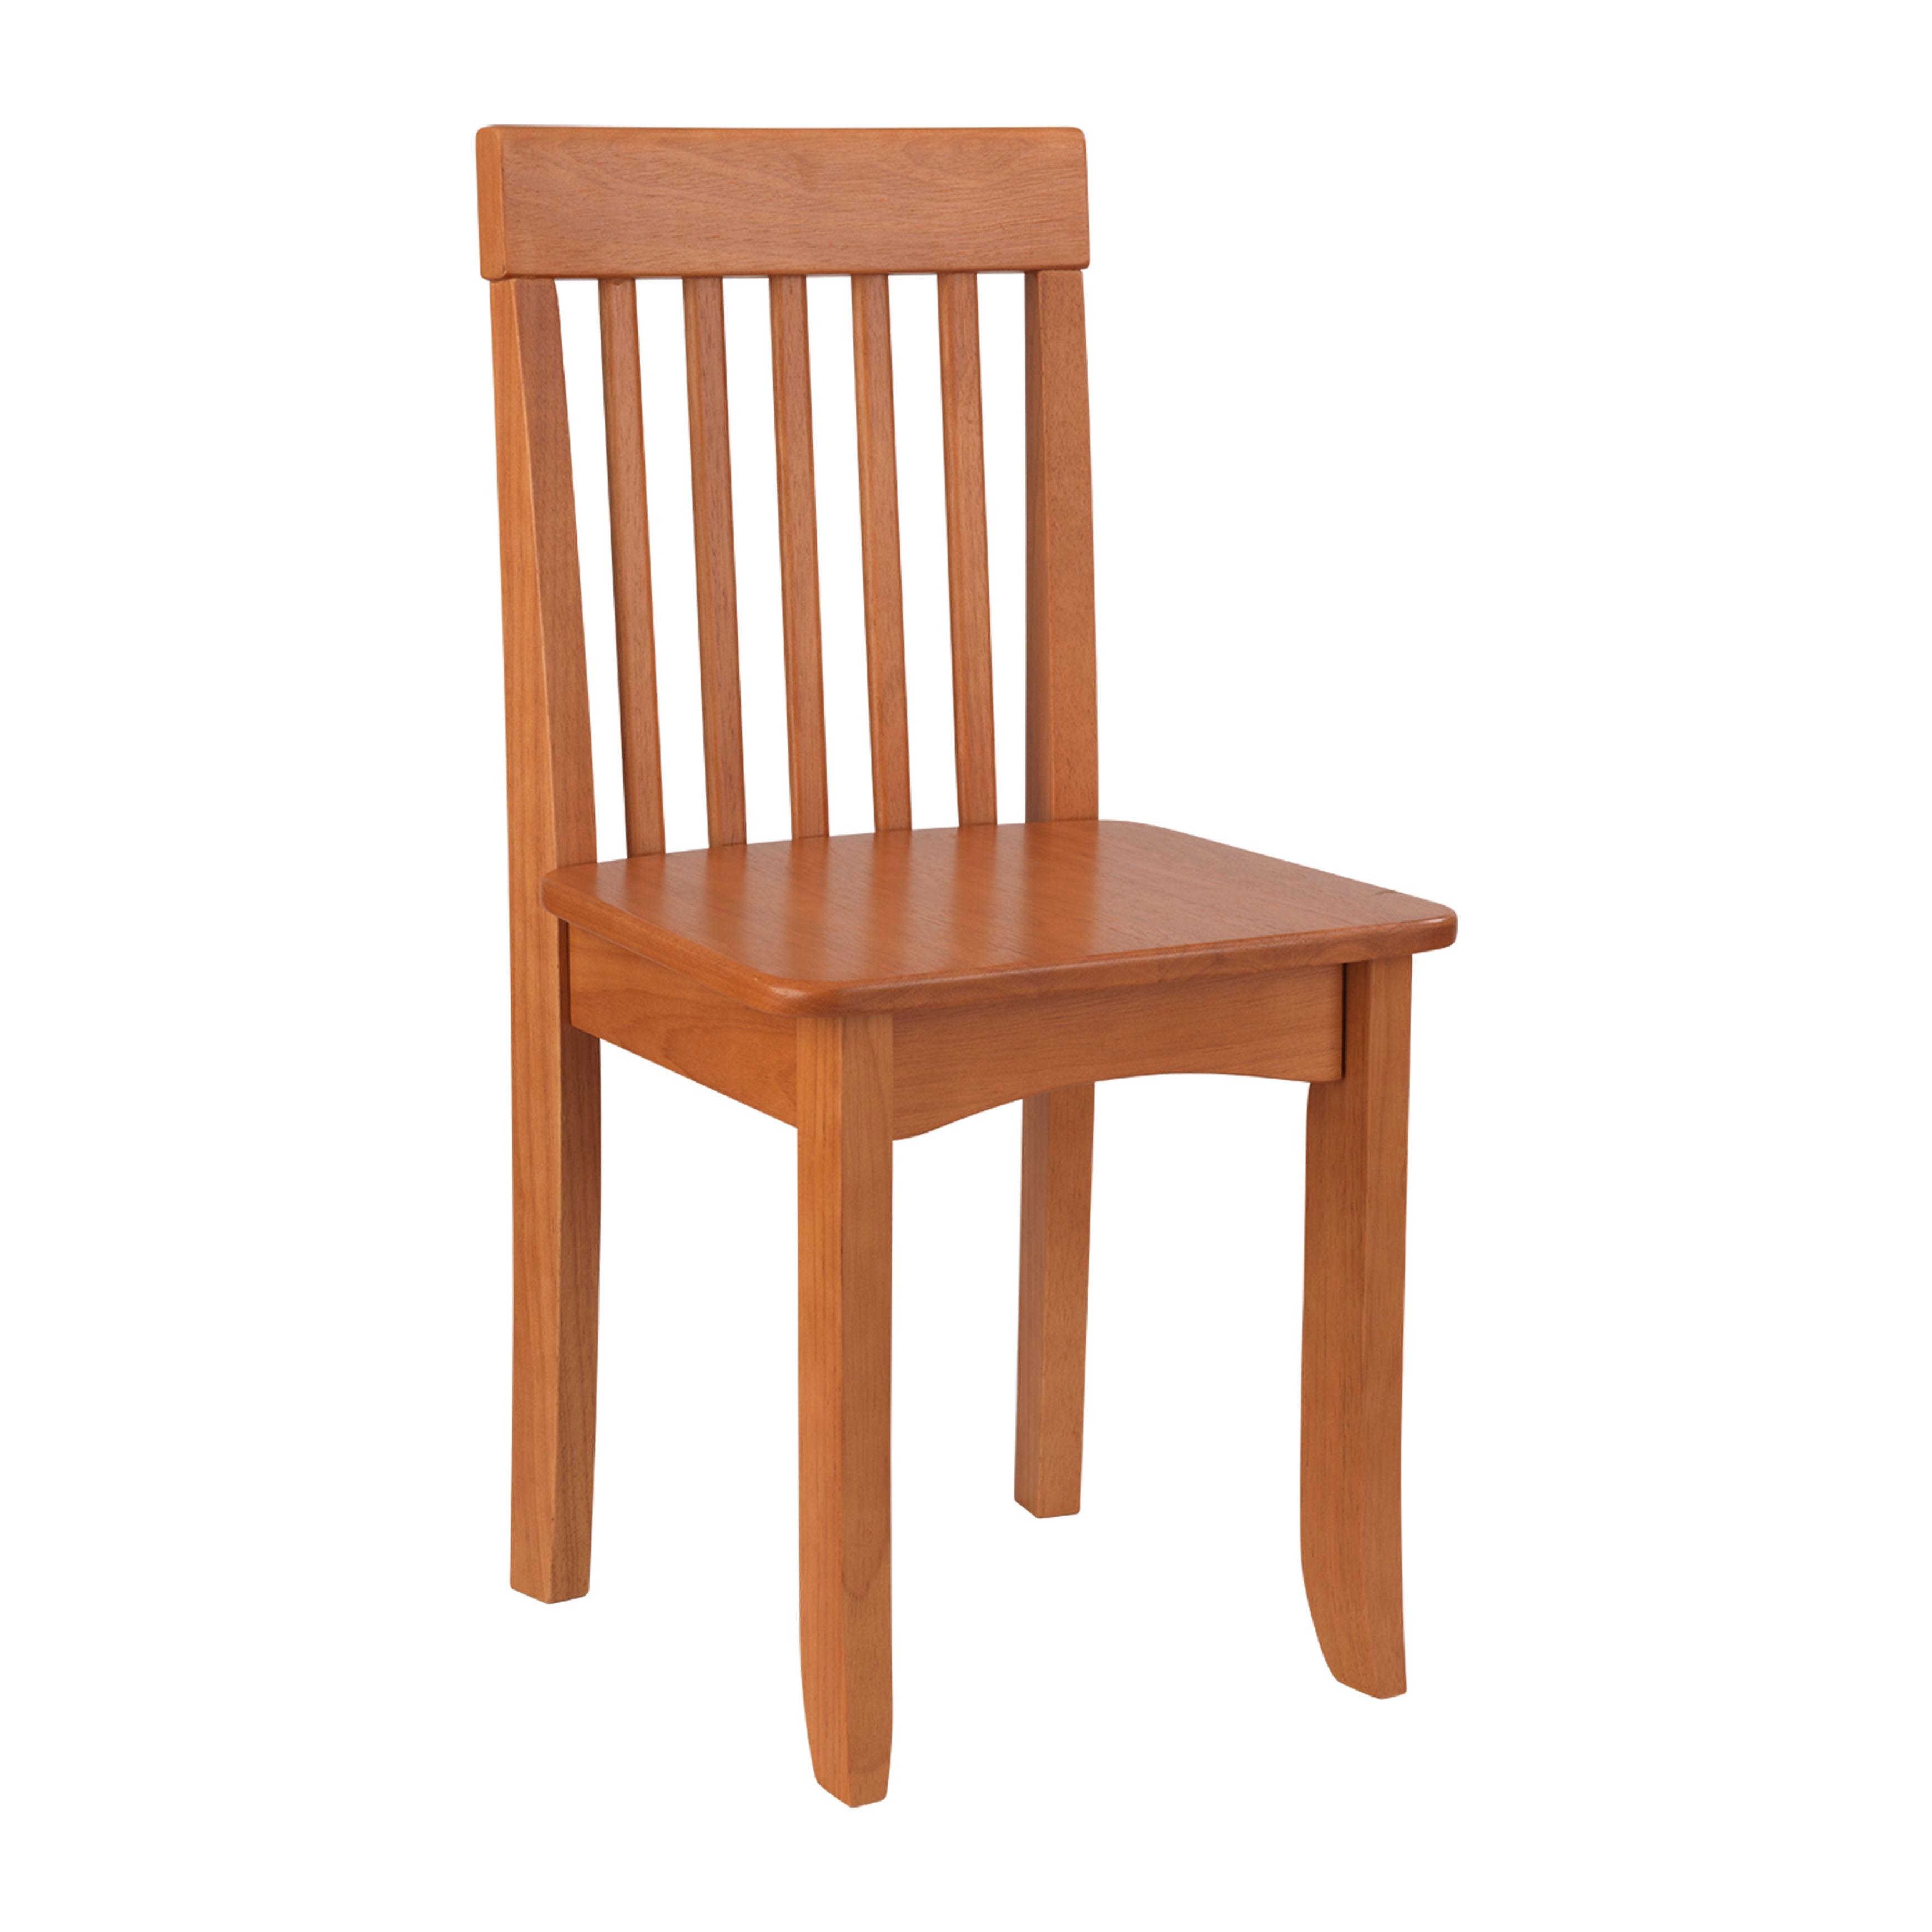 KidKraft Avalon Wooden Single Classic Back Desk Chair for Children - Honey